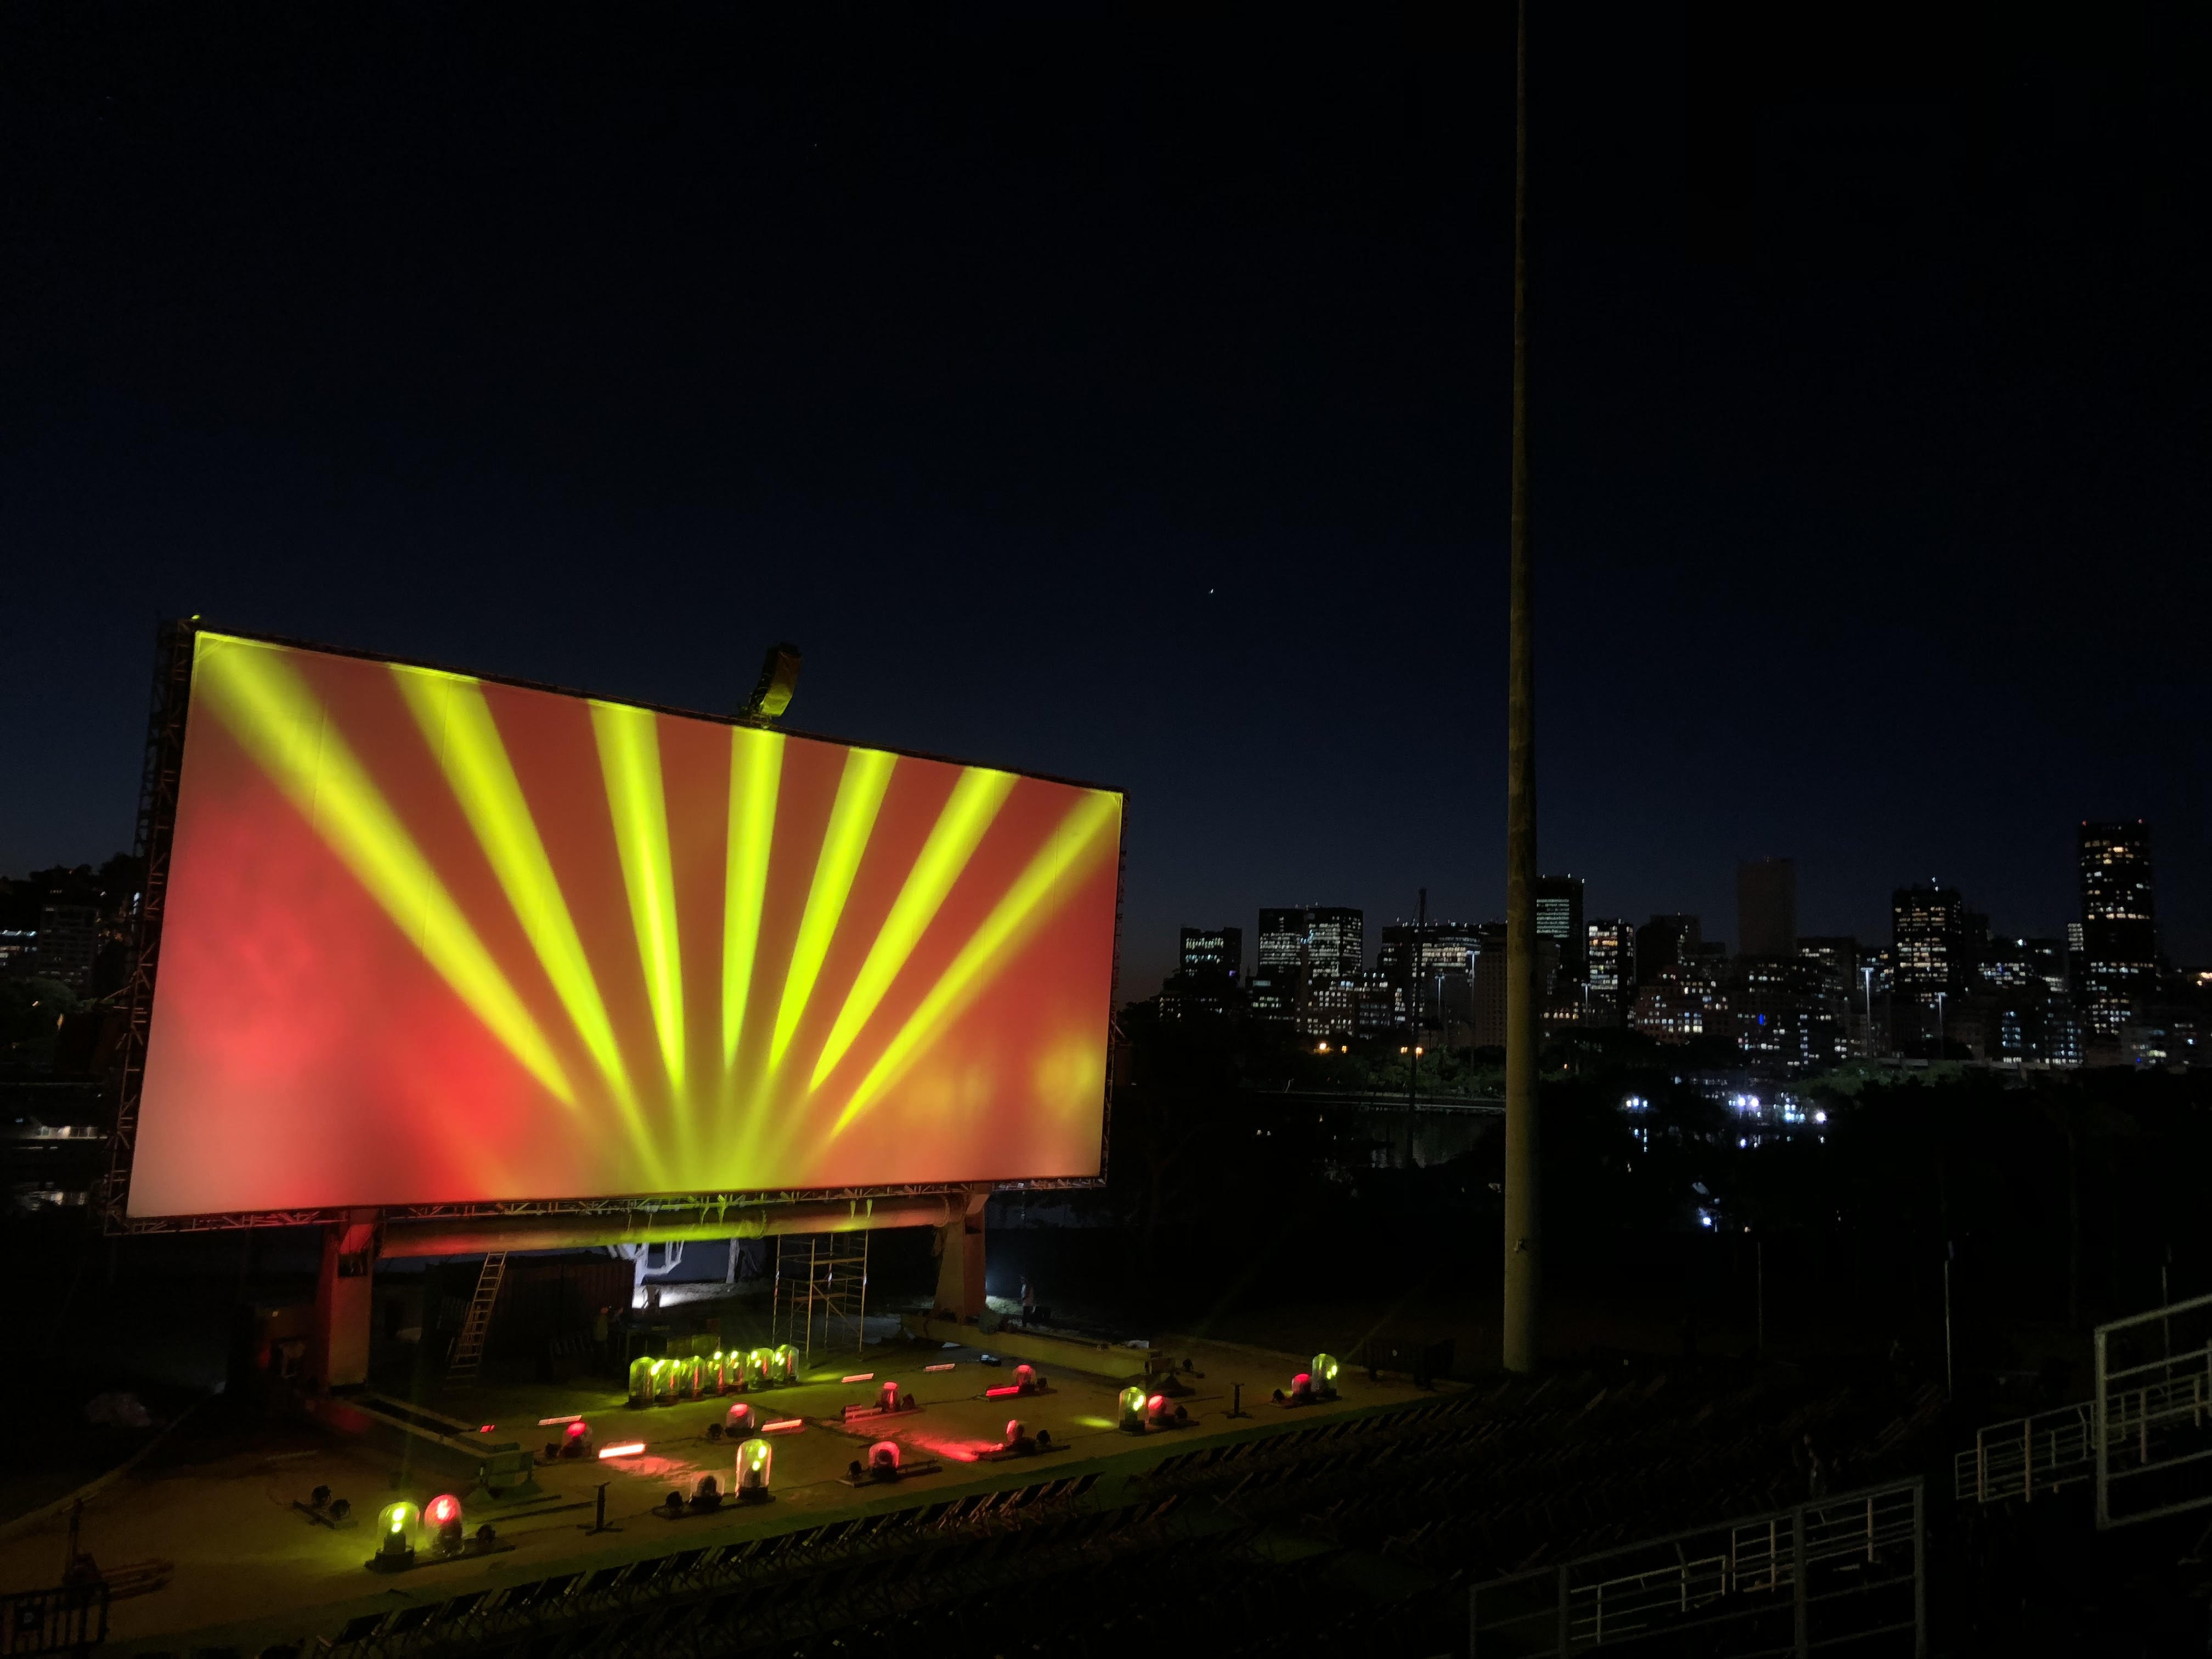 Festival Open Air apresenta 22 filmes entre sucessos recentes e clássicos do cinema